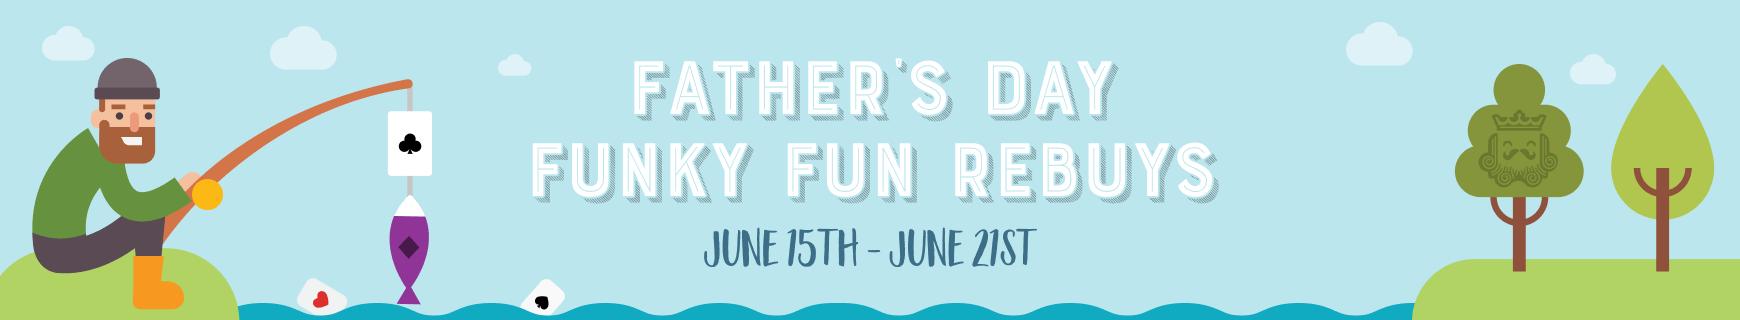 Father's day funky fun rebuys   dashboard %28870 x 160%29 2x